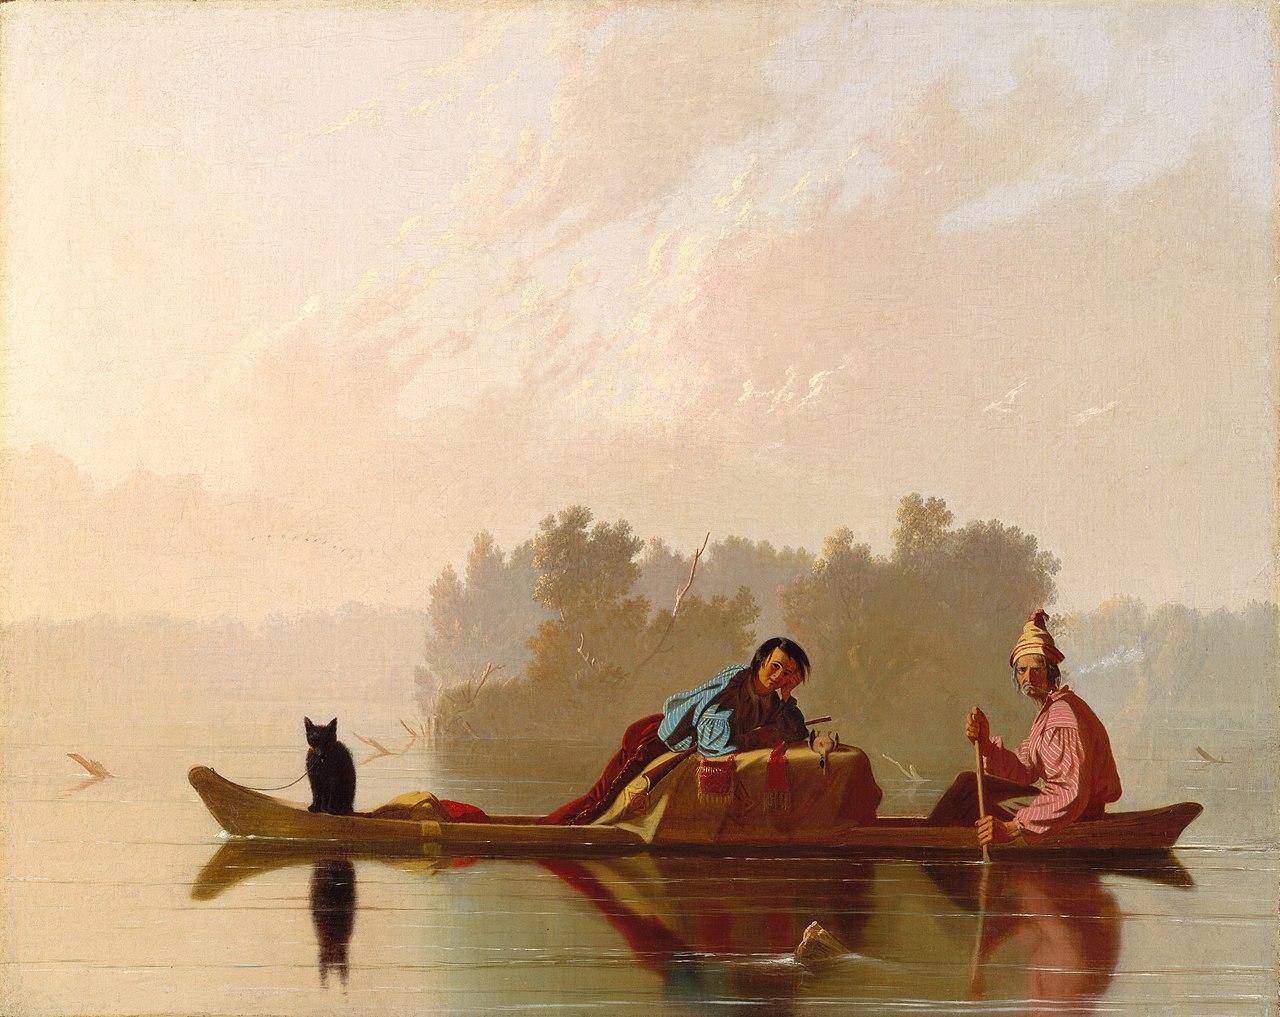 George Caleb Bingham 1845 Fur Traders Descending the Missouri MET 73.7 x 92.7 cm